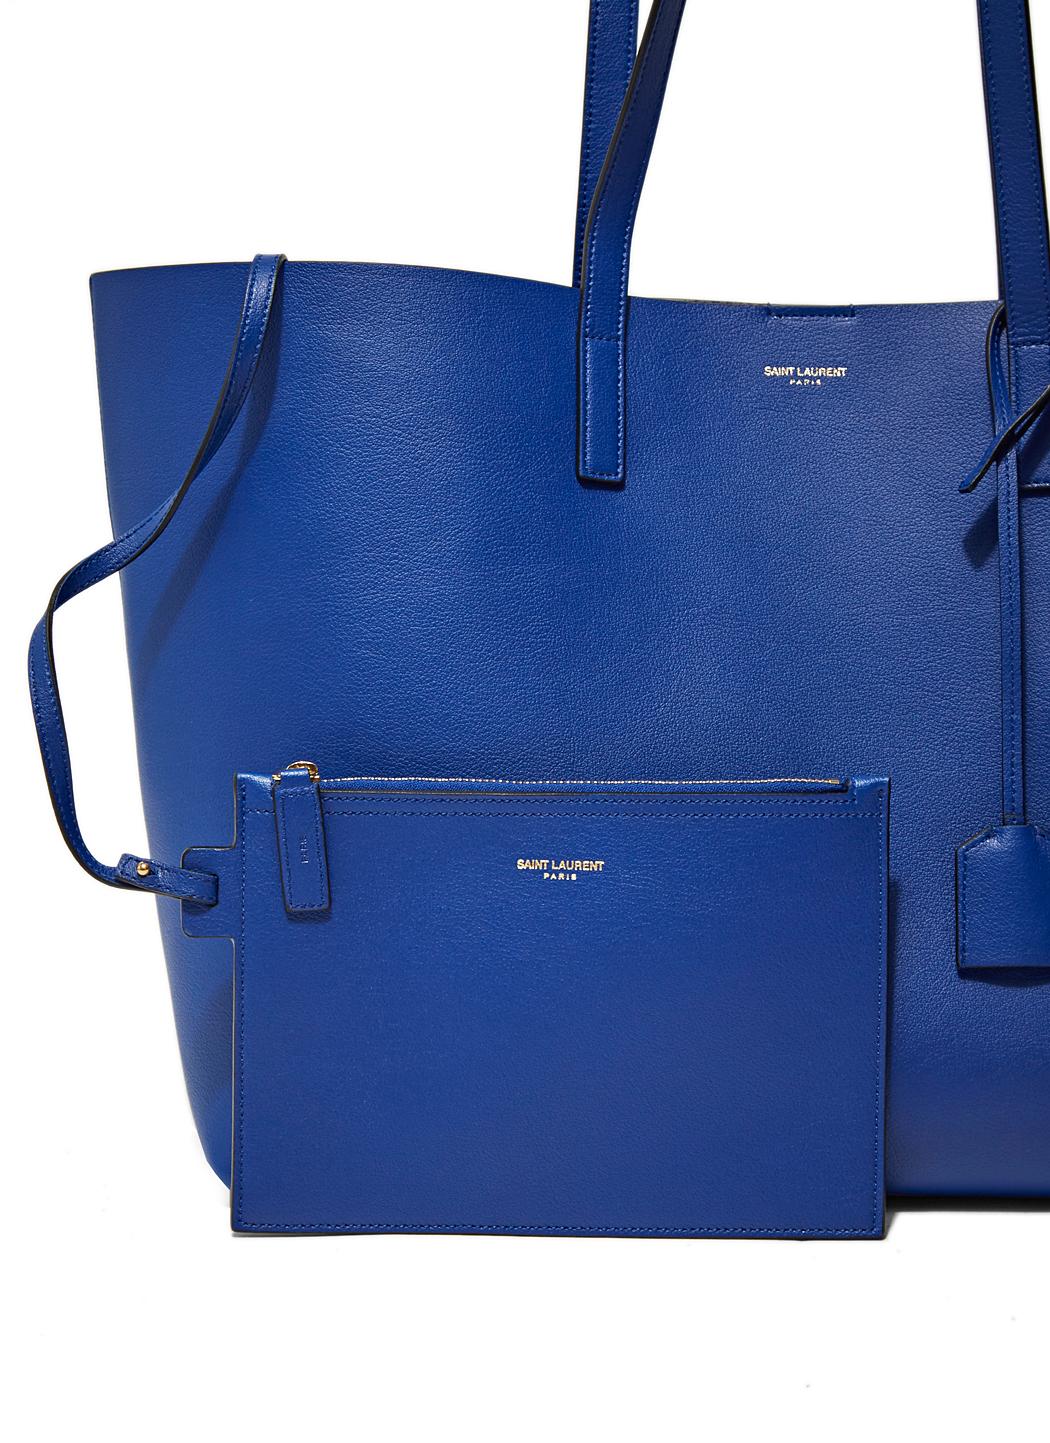 Saint laurent Leather Shopper Bag in Blue | Lyst